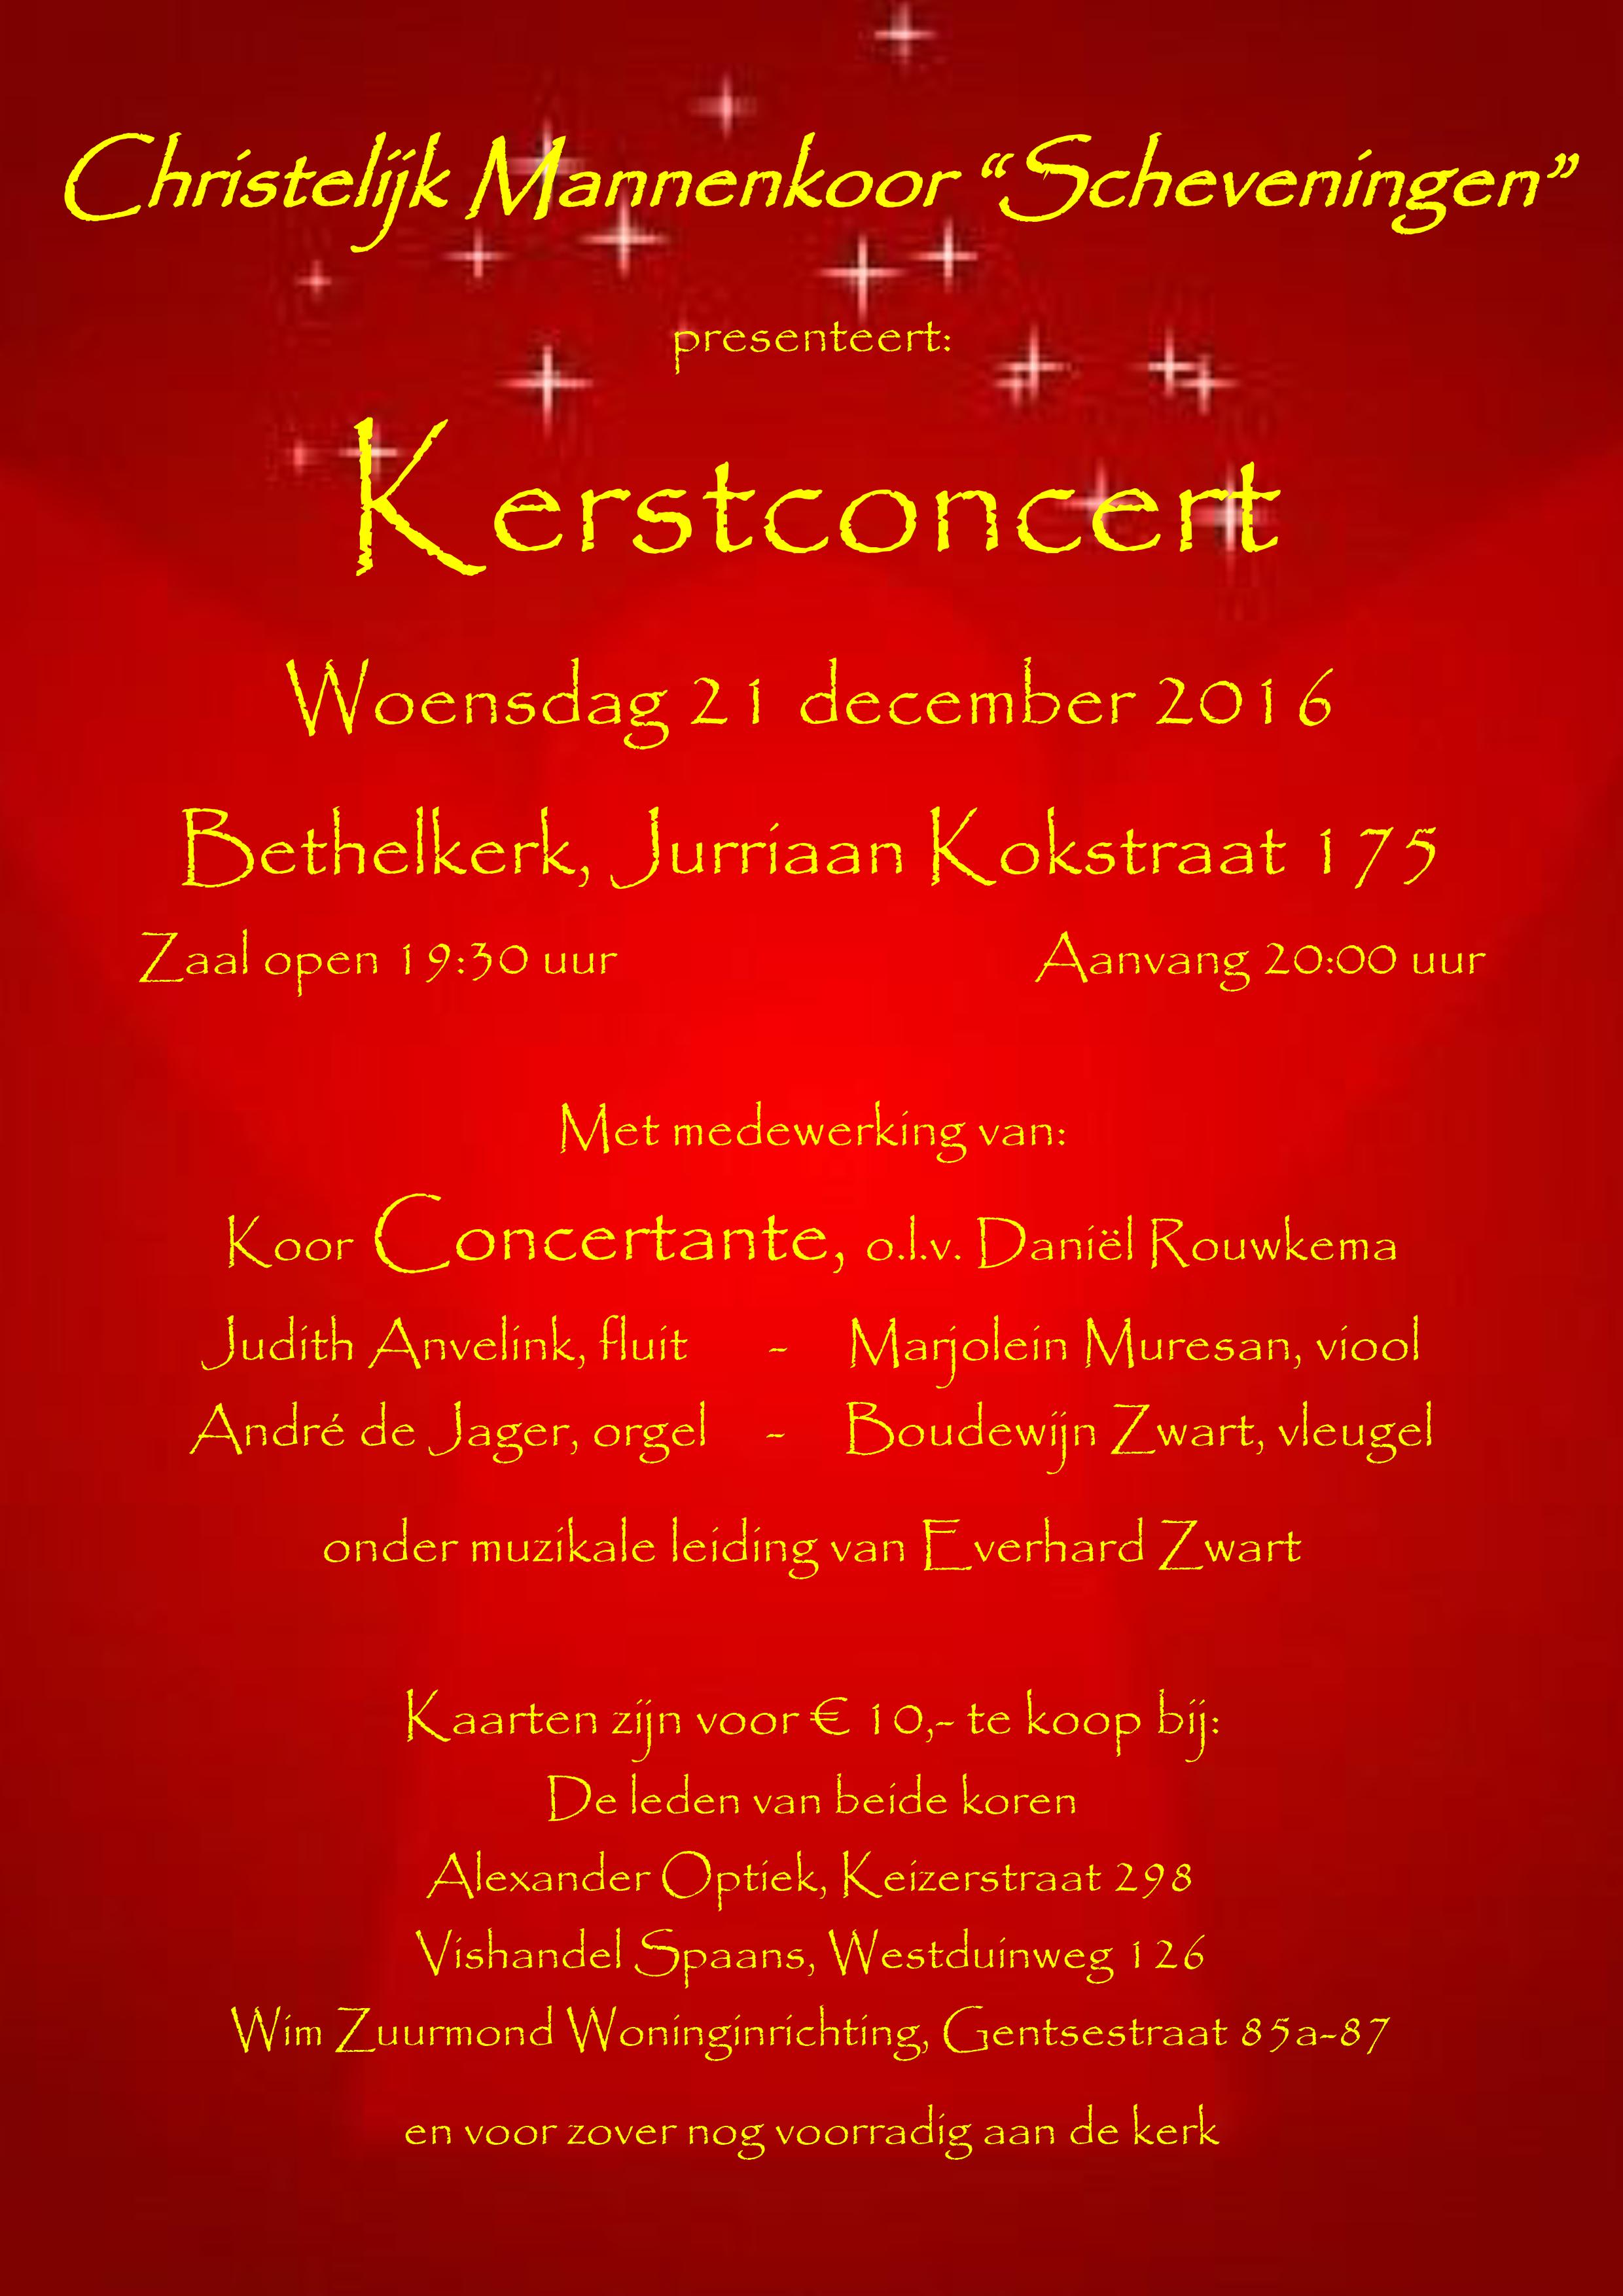 poster kerstconcert 2016.png